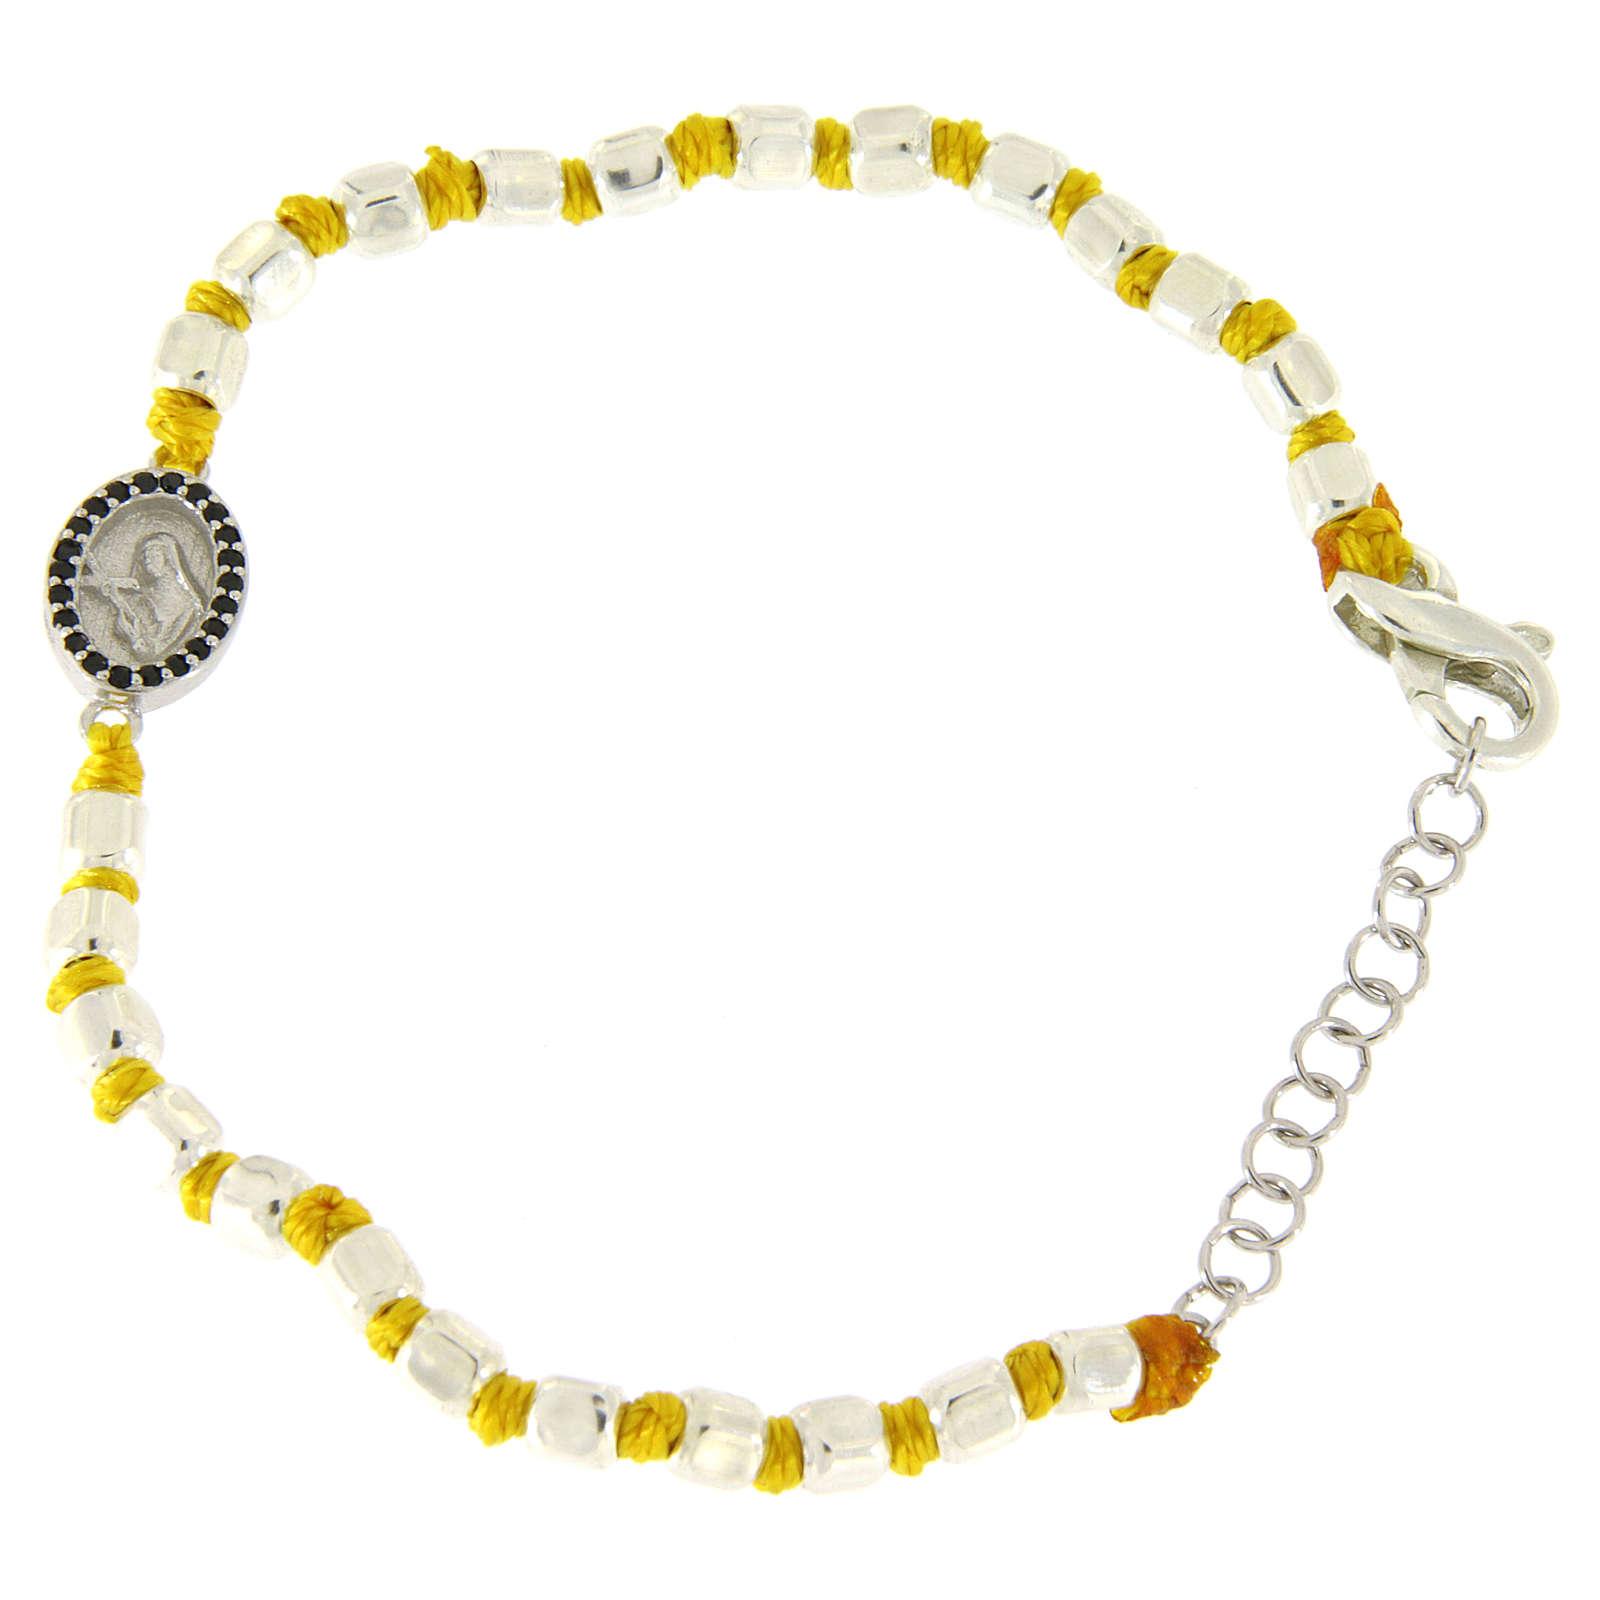 Bracciale sfera cubica argento 2 mm, medaglietta zirconi neri S. Rita, cordina gialla con nodo 4